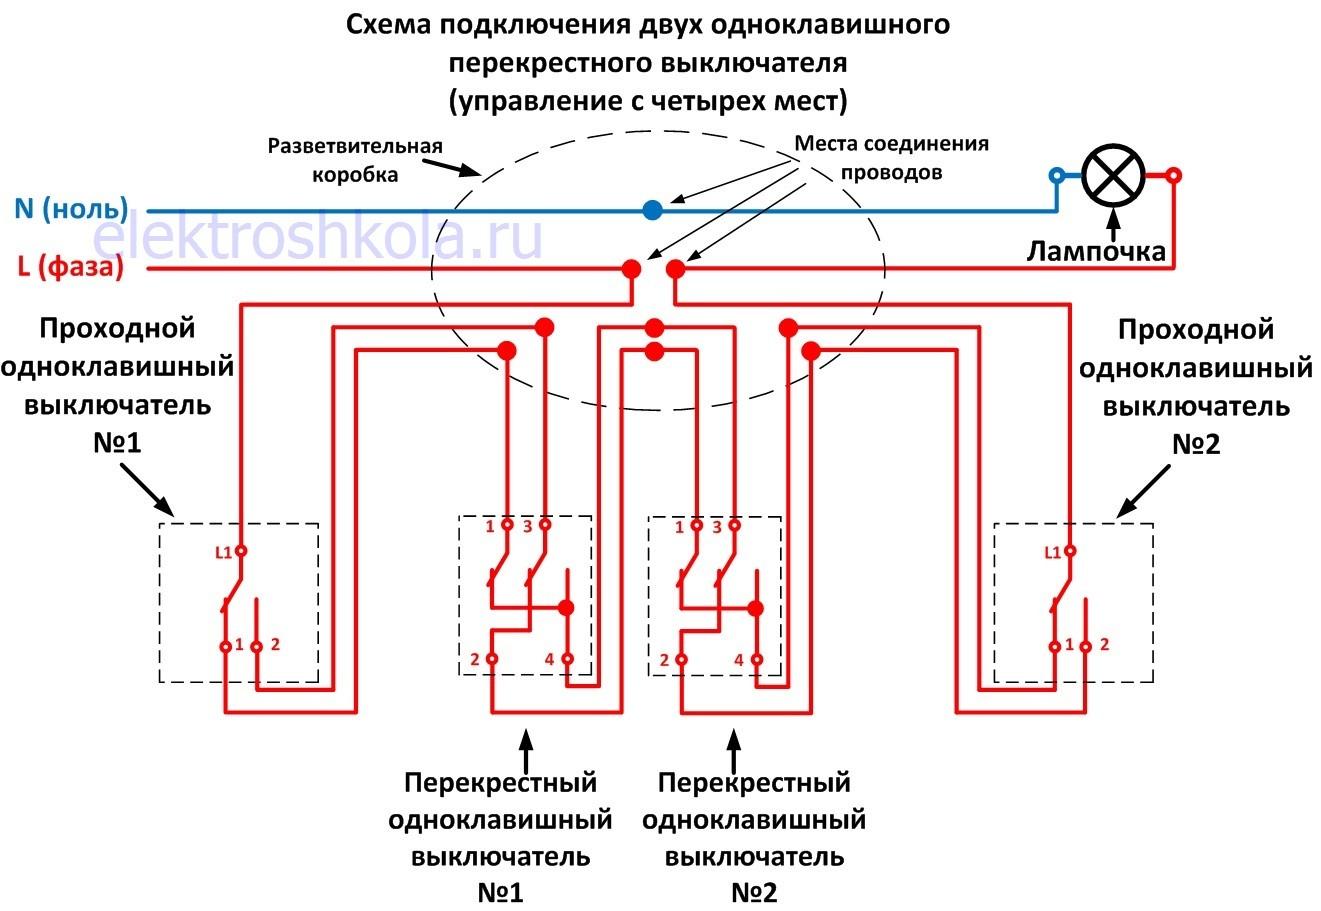 схема подключения двух проходных и двух перекрестных выключателей для управления с четырех мест